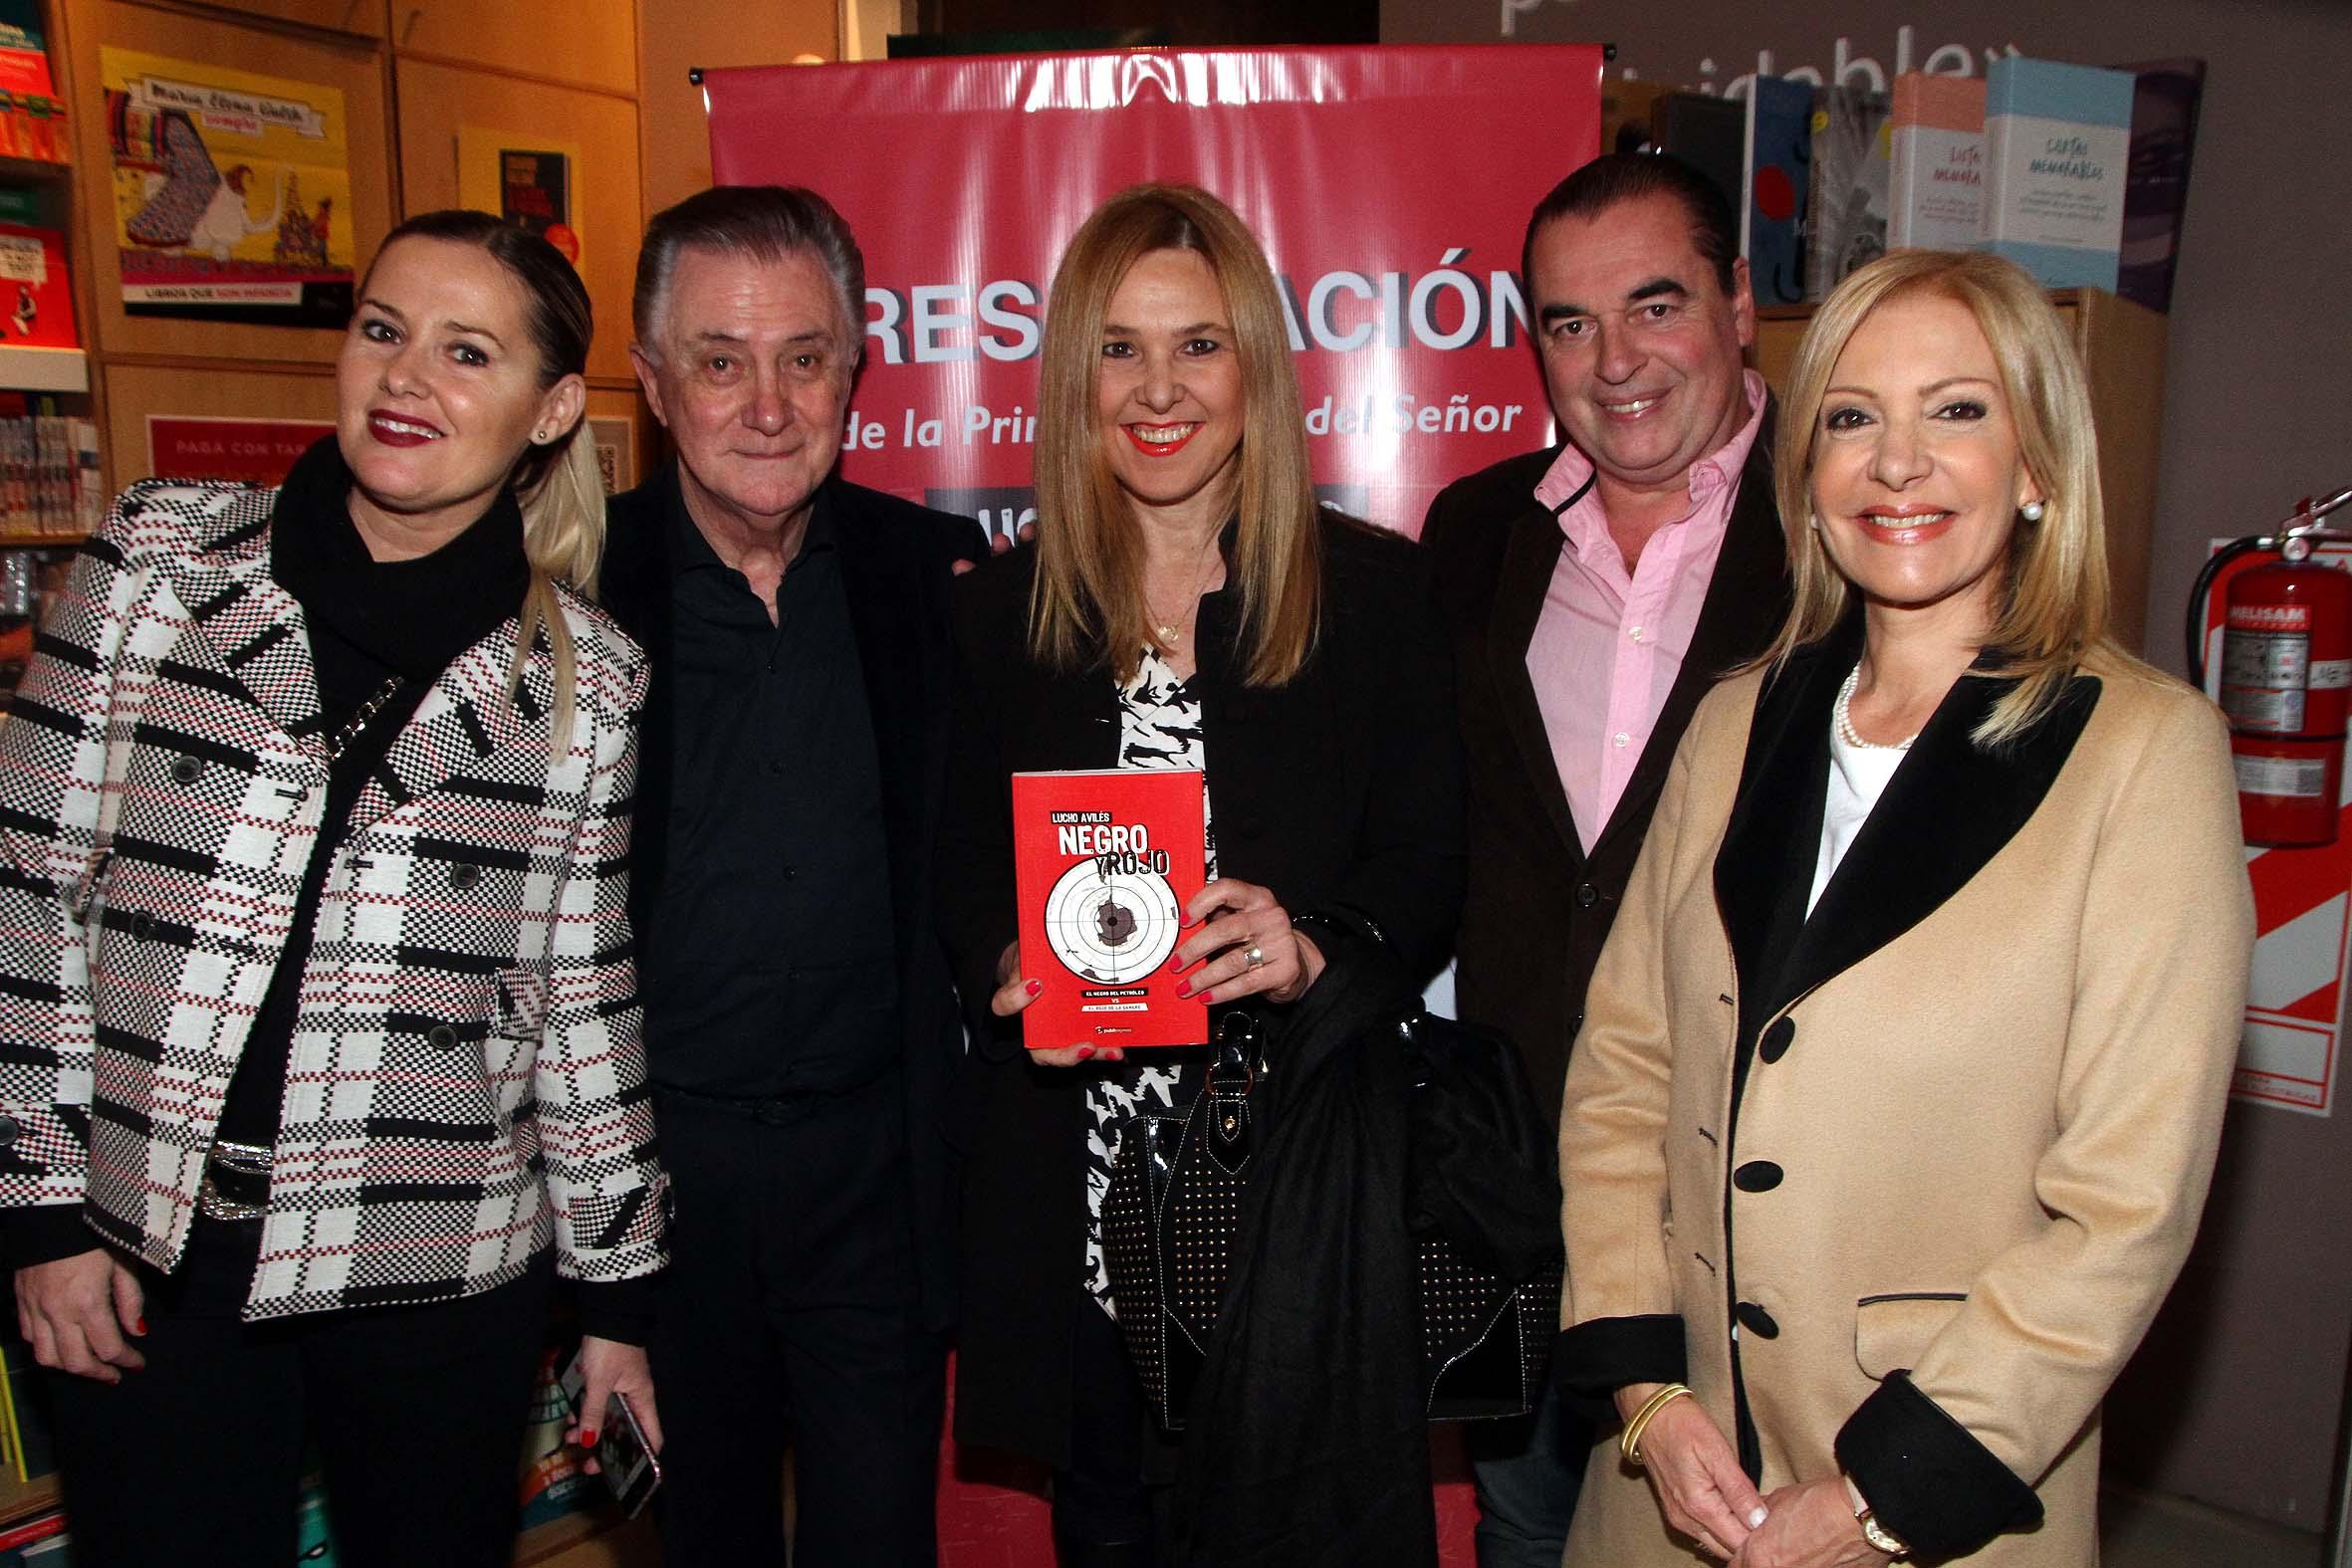 Pilar Smith, Lucho Aviles, Silvina Luna, Luis Seguessa y Susana Roccasalvo